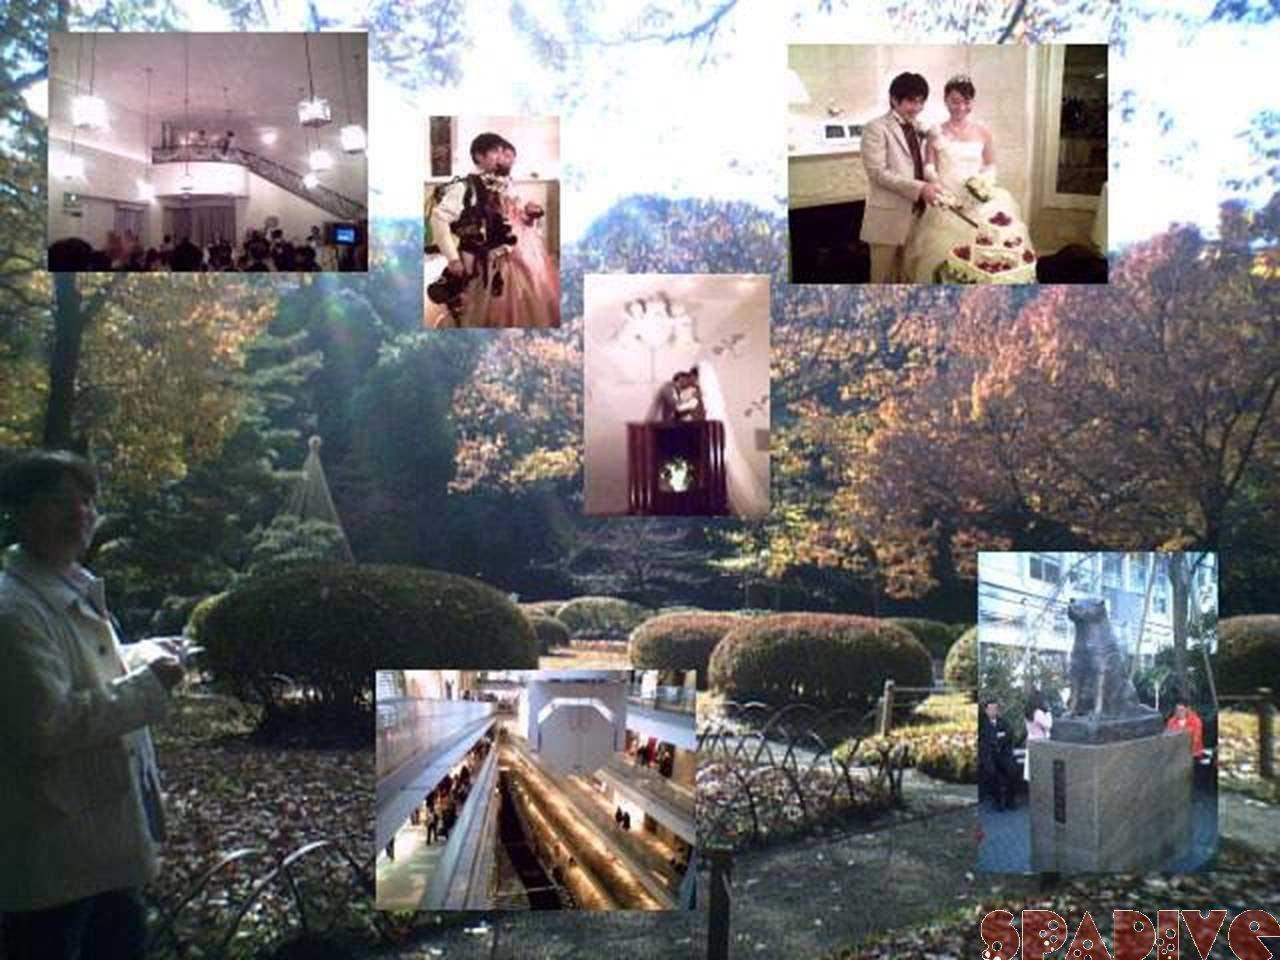 2年ぶりの東京紀行 結婚式と友人再会とPADIセミナー 12/13/2006